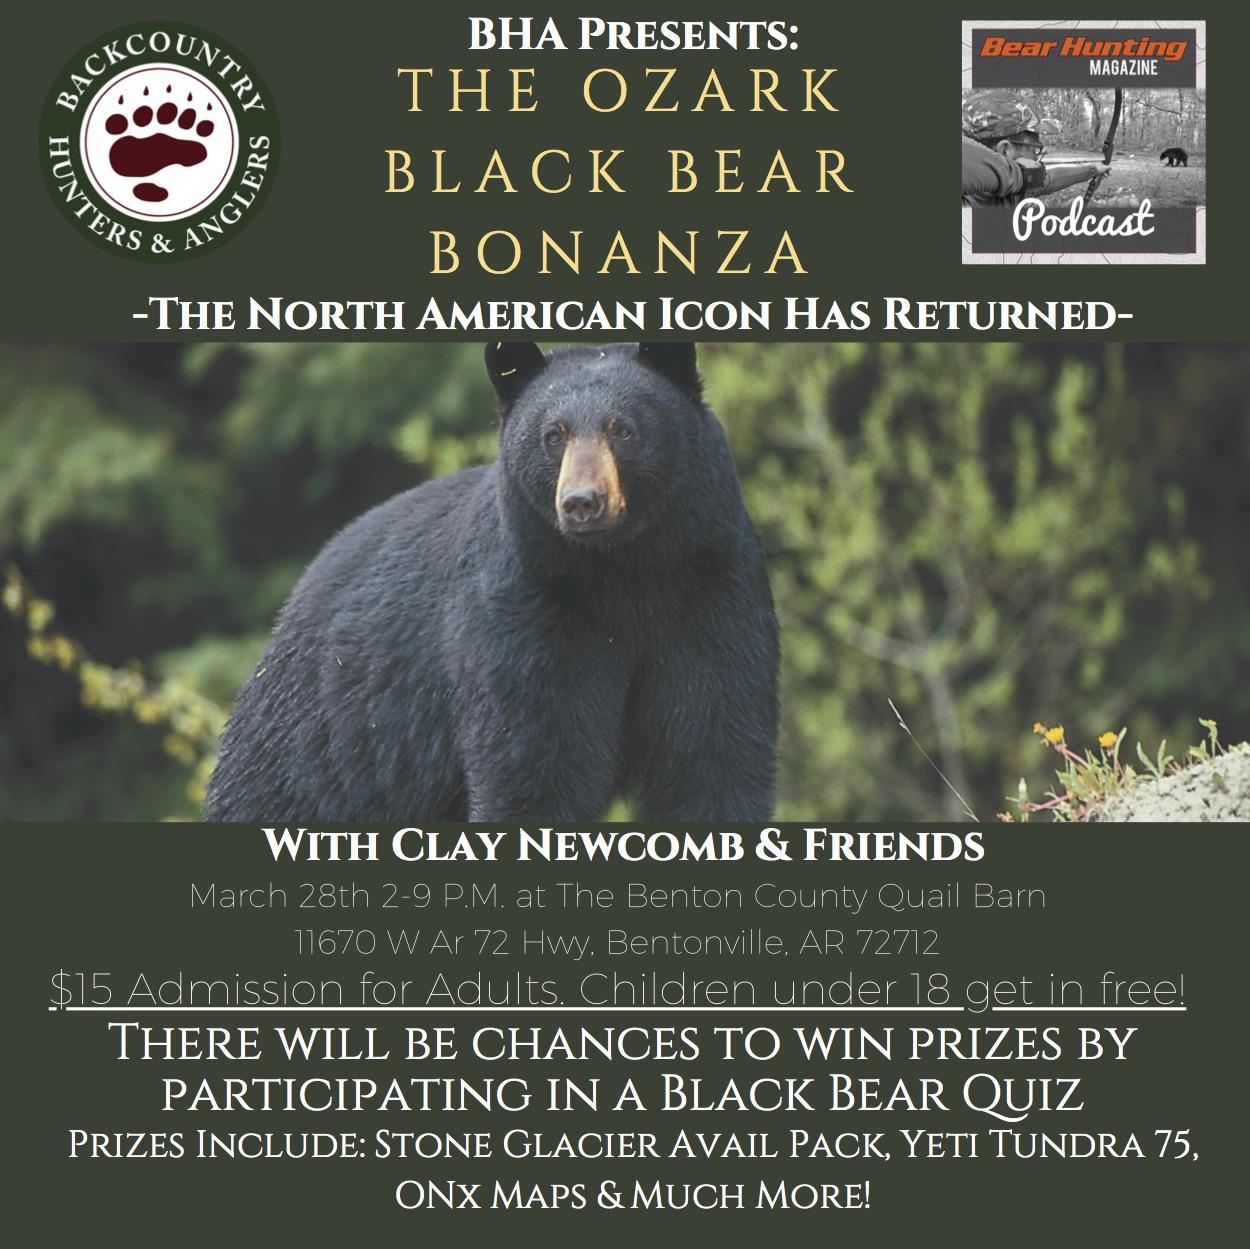 Ozark_Black_Bear_Bonanza_PDF.jpg